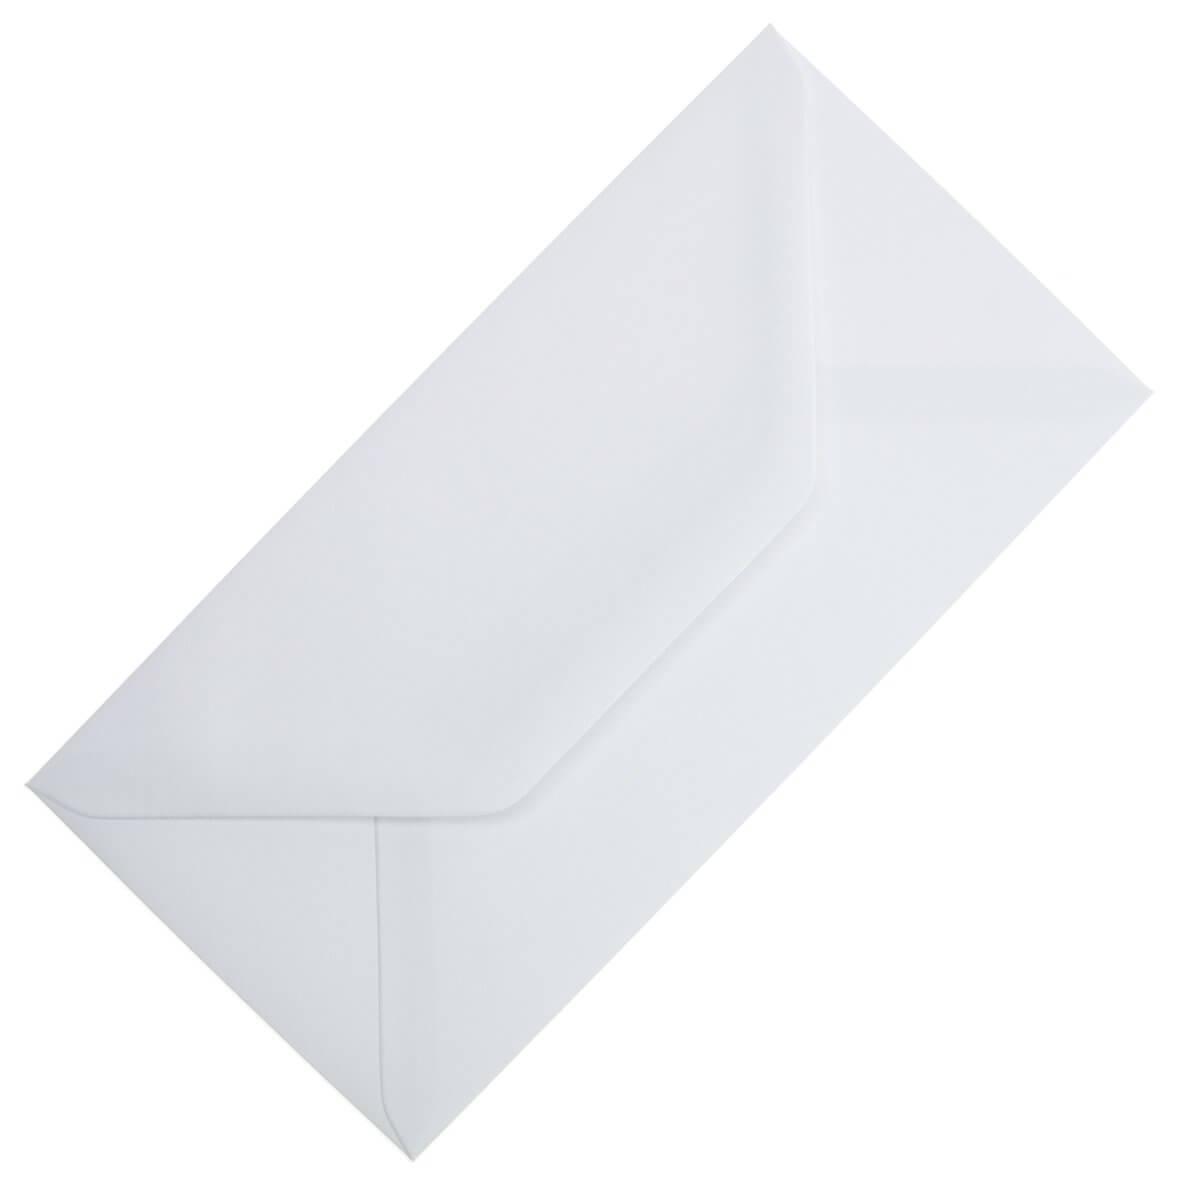 Plain White DL Envelope Large Tall